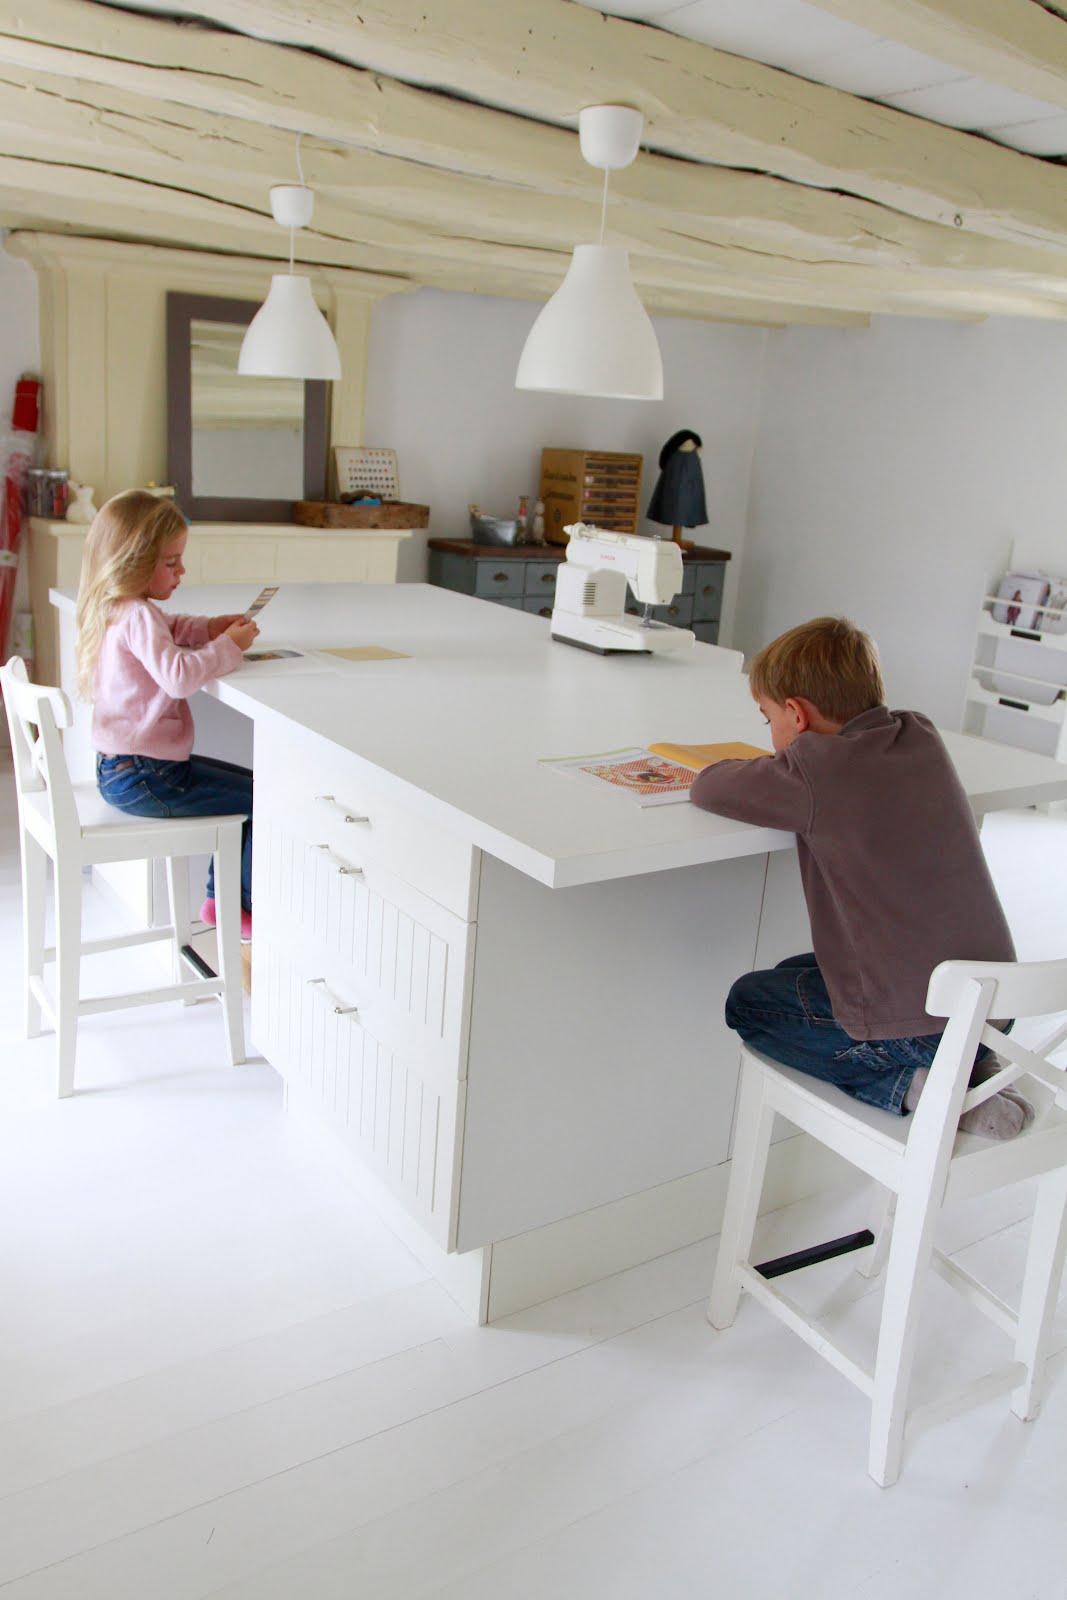 alors voil mon bureau enfin je devrai dire ma puisquuil suagit duun lot central de cuisine o. Black Bedroom Furniture Sets. Home Design Ideas